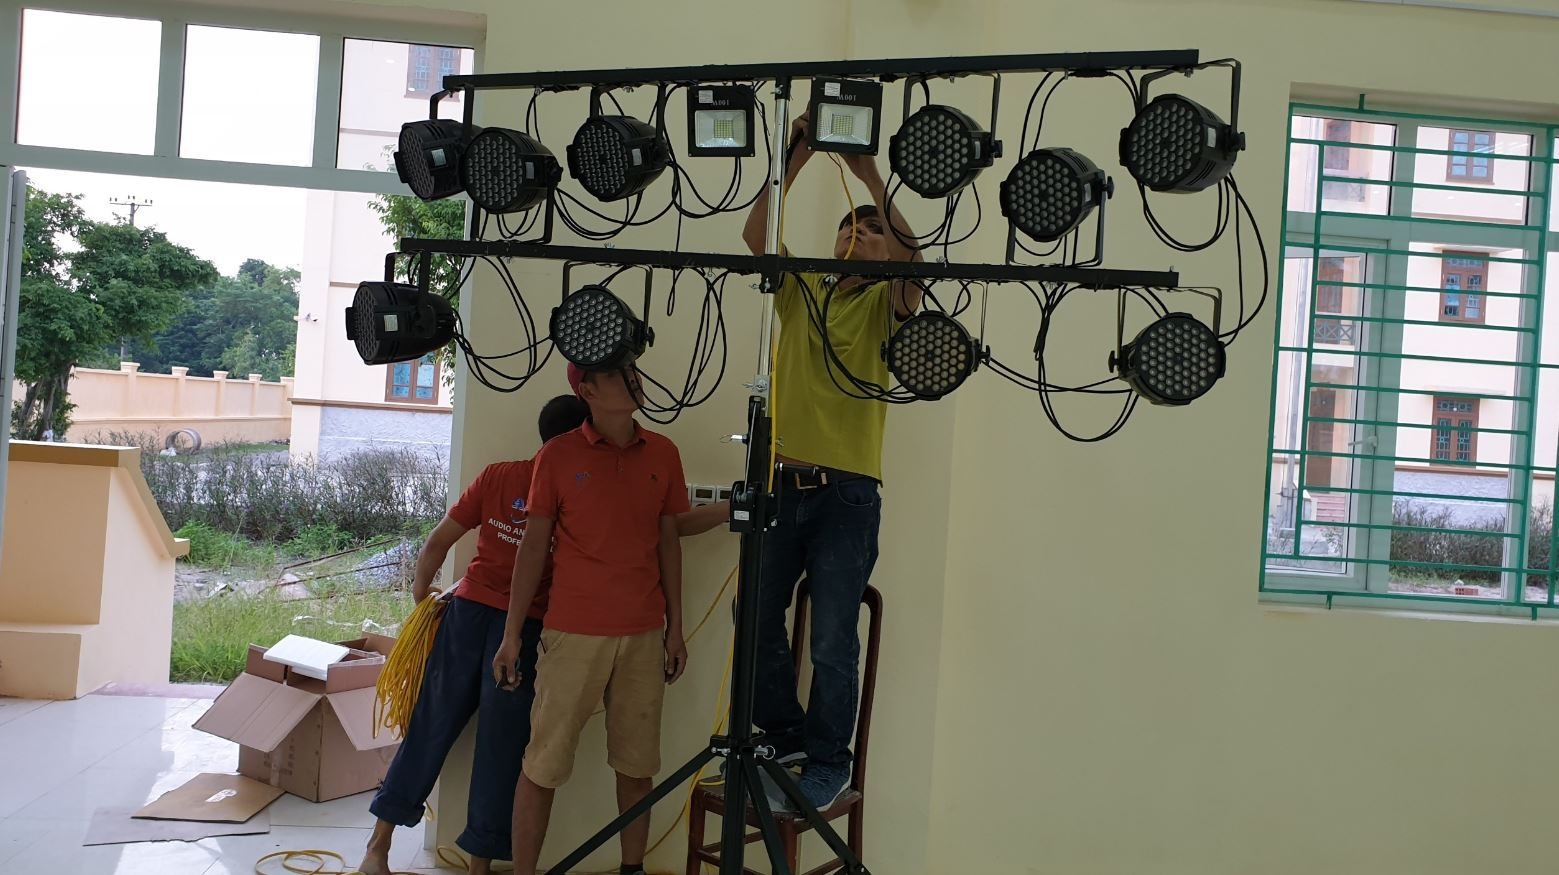 lắp đặt hệ thống âm thanh ánh sáng nhà văn hóa các cấp 1